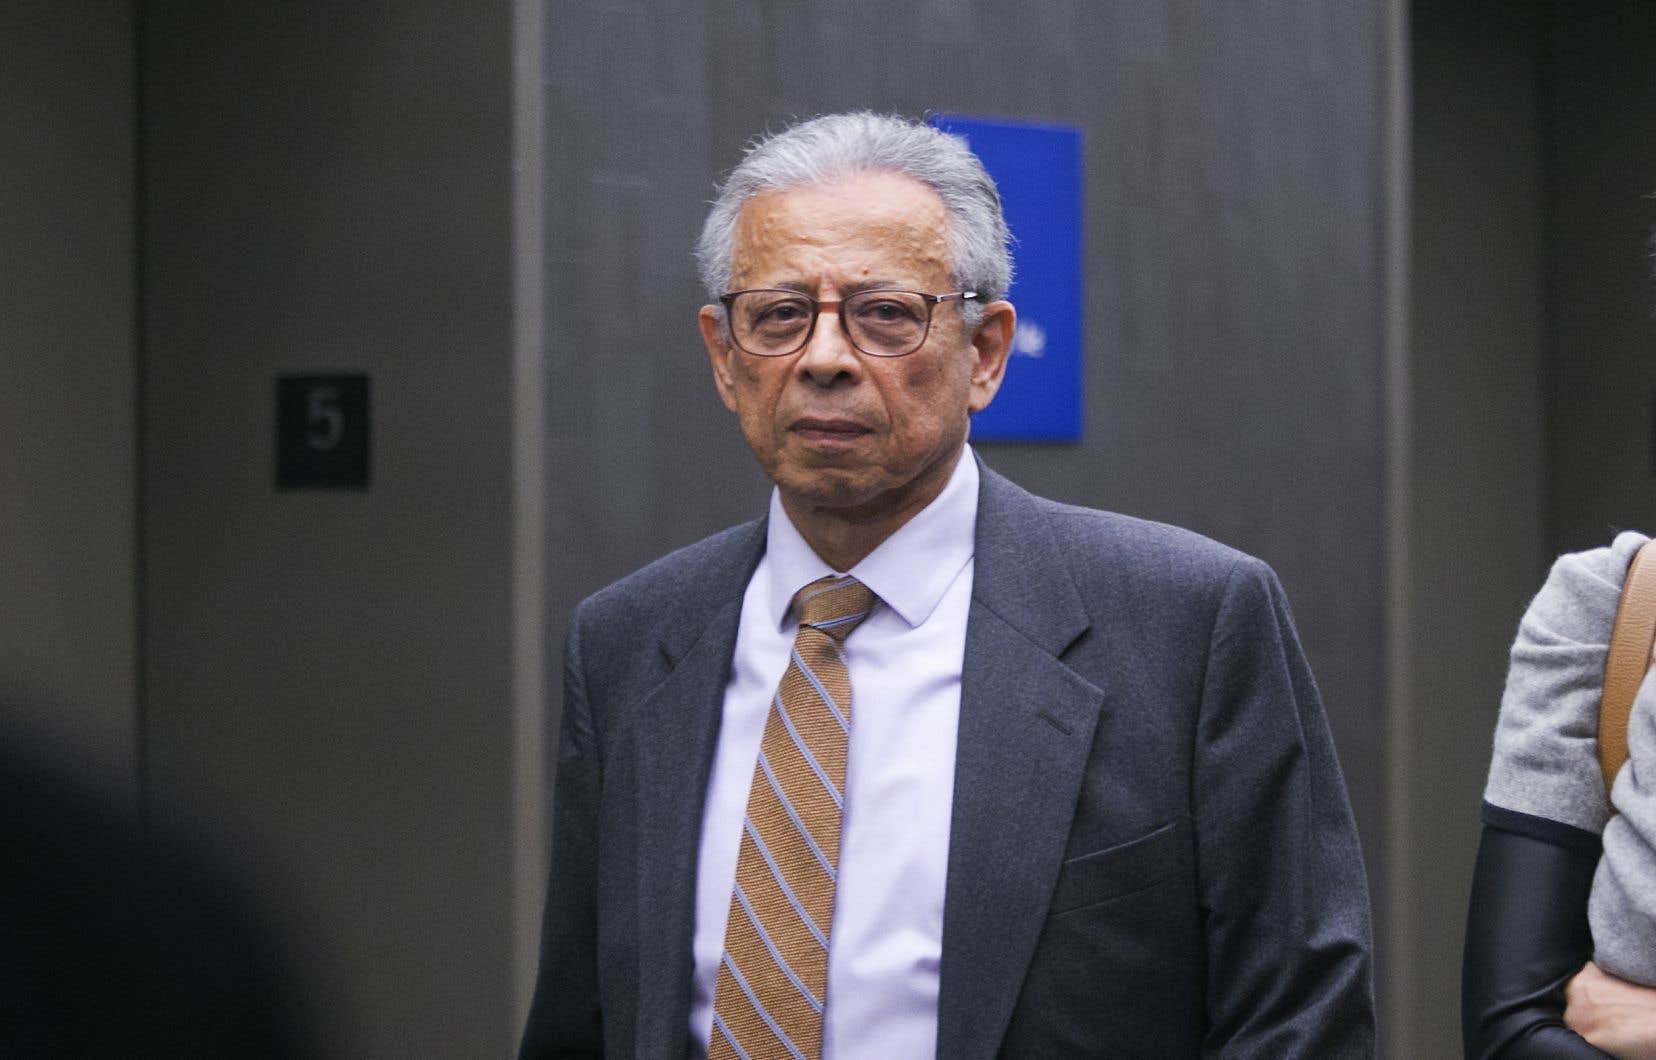 M.Bebawi, âgé de 73ans, est accusé de huit chefs de fraude, de recyclage de produits de la criminalité, de possession de biens volés et de corruption d'un agent public étranger.